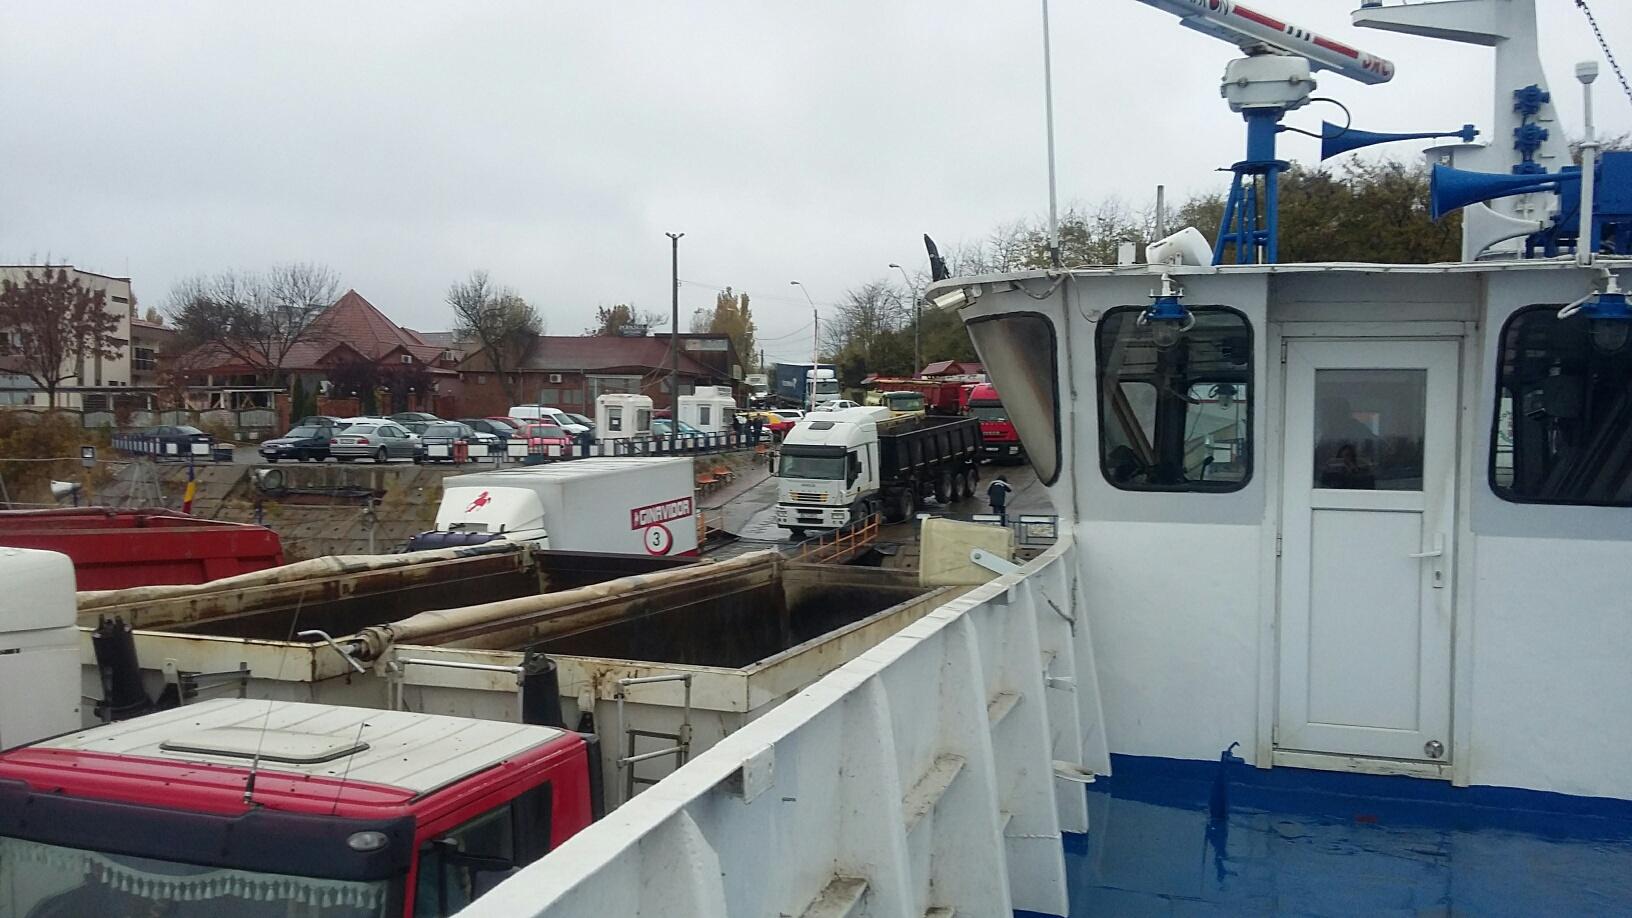 Timpul de traversare a Dunării cu bacul s-a dublat, după ce un feribot s-a stricat: `Suntem clienţi captivi, nu avem ce face` - FOTO